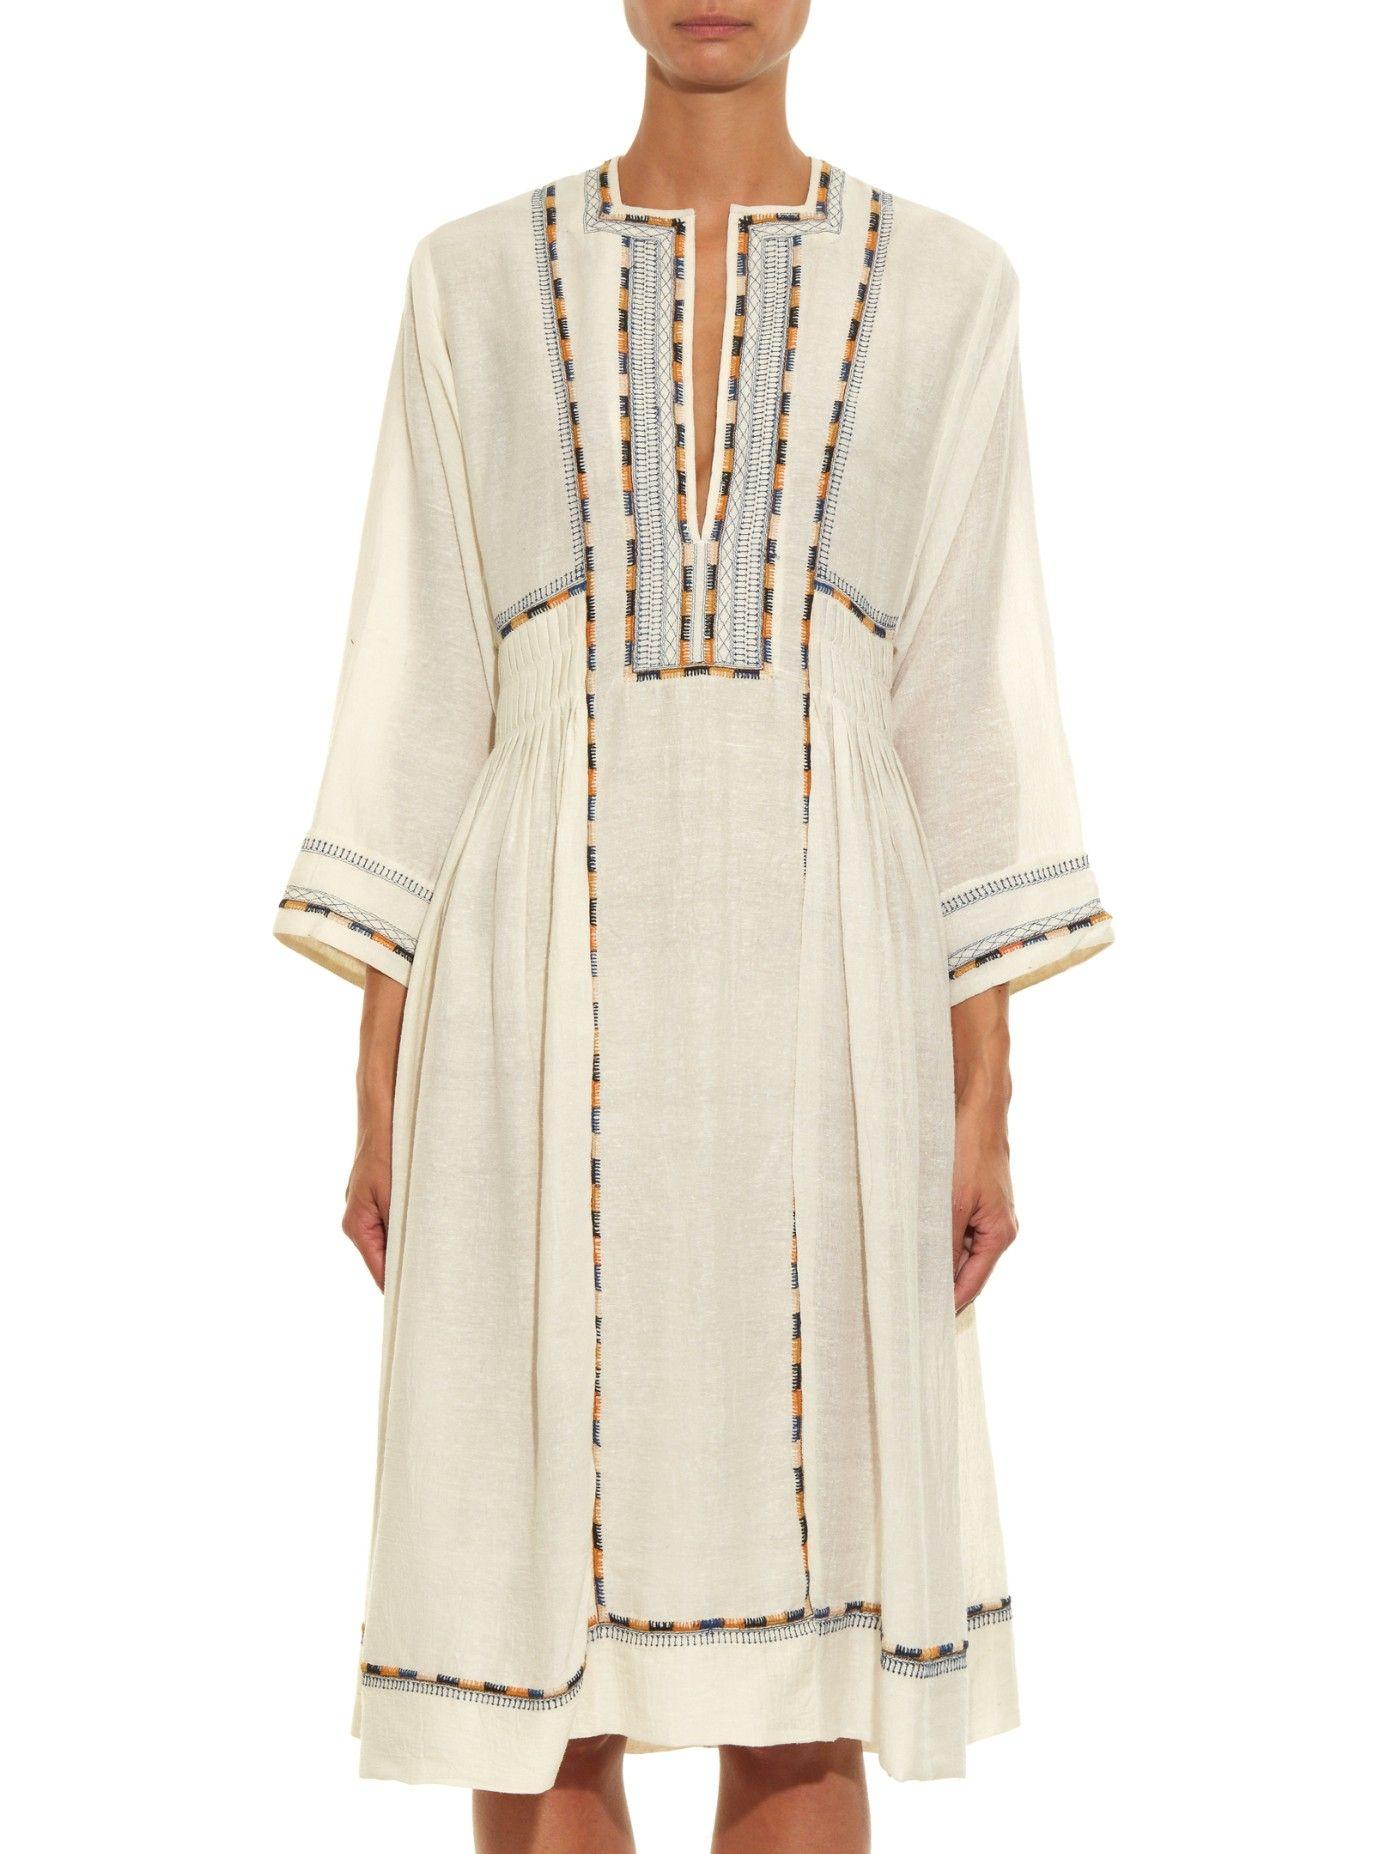 Clayne embroidered dress | Isabel Marant | MATCHESFASHION.COM US